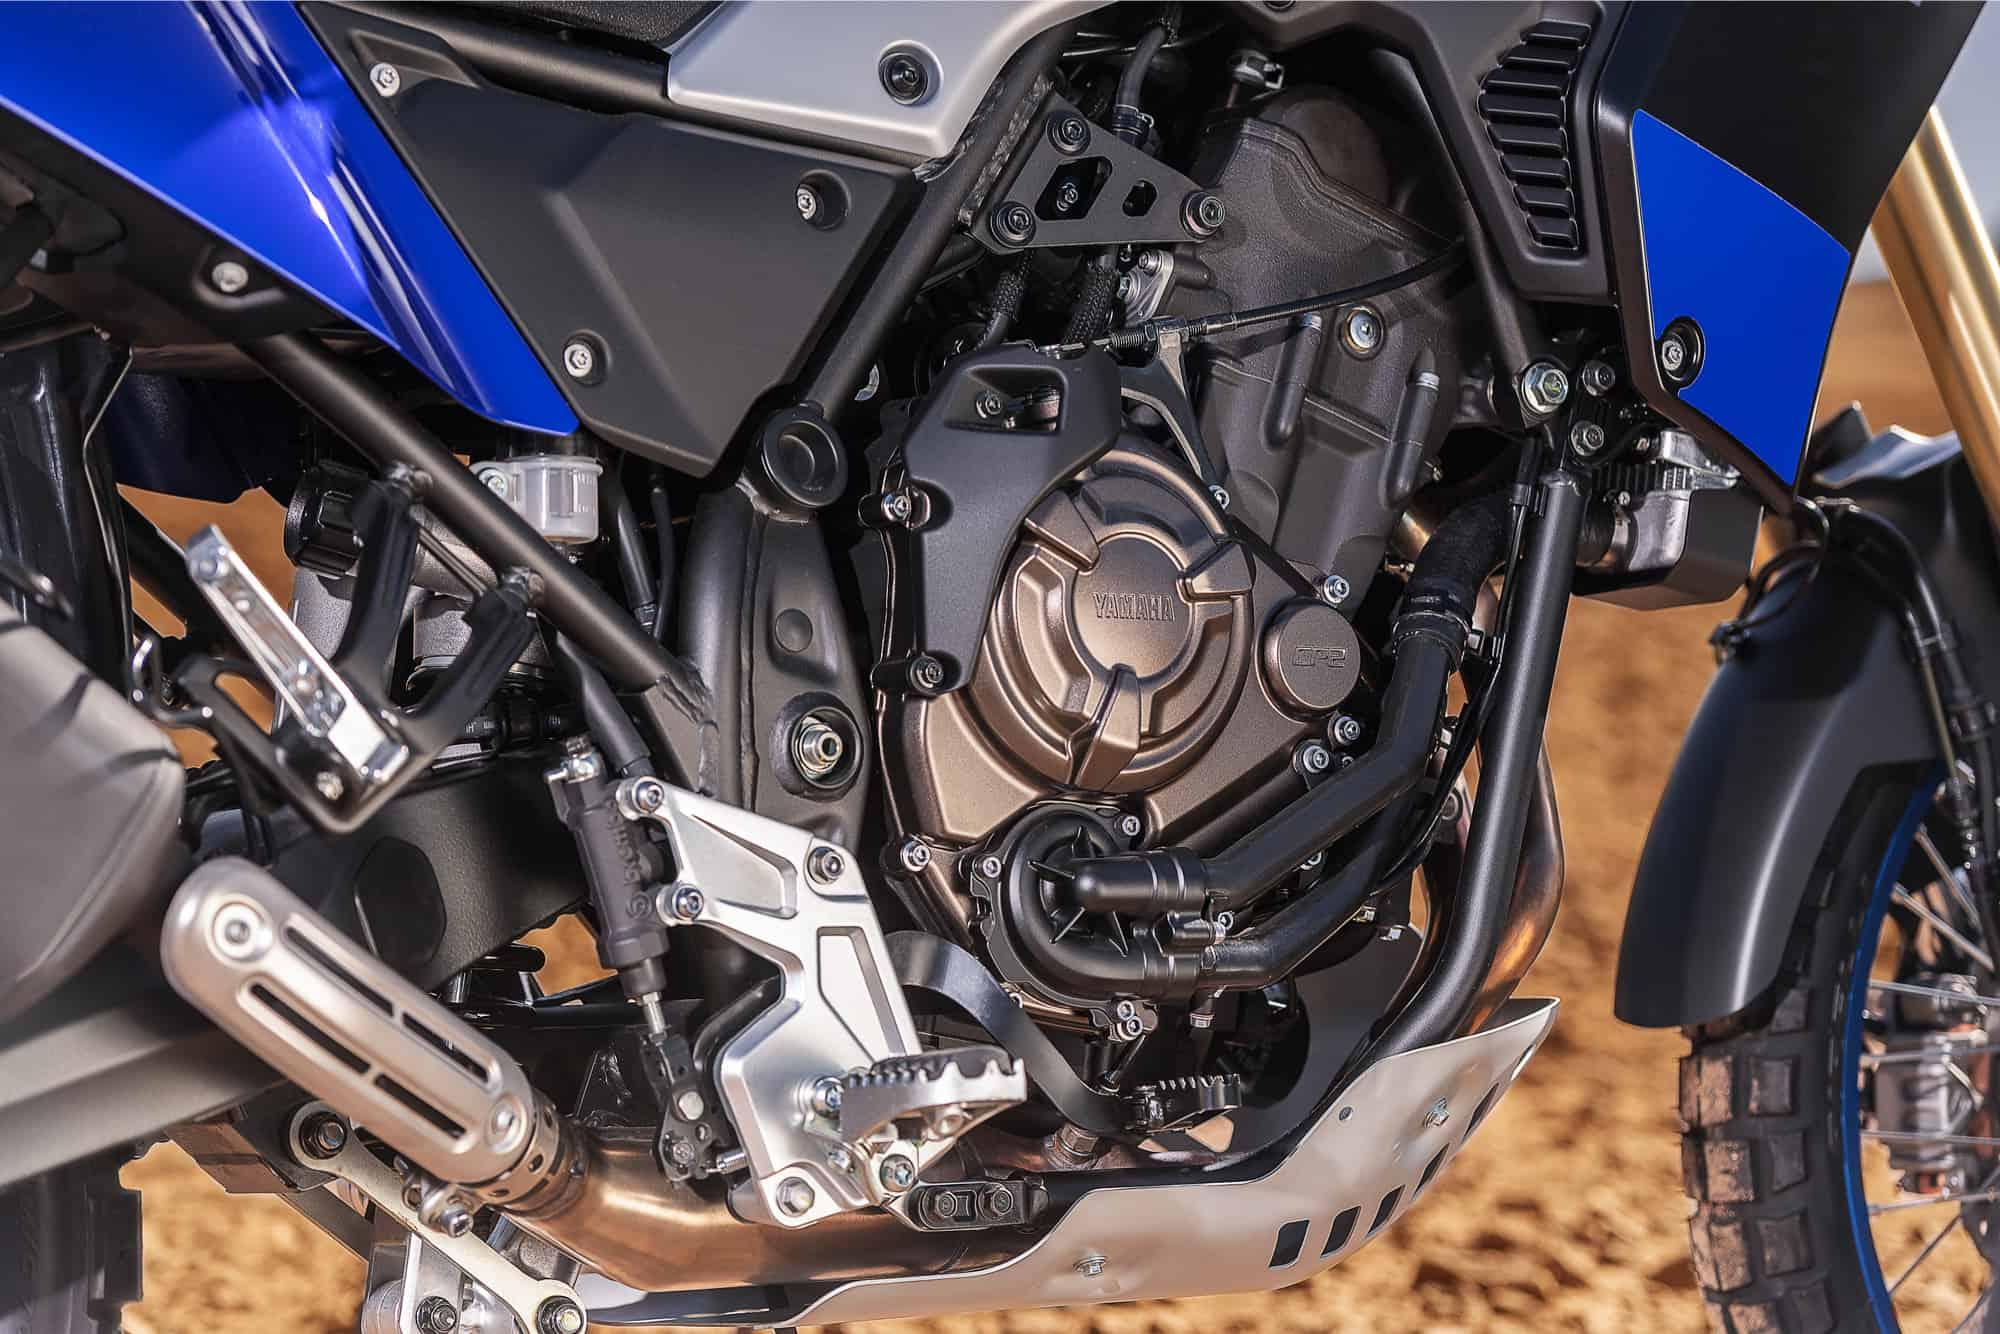 2019 YAMAHA TENERE 700 engine